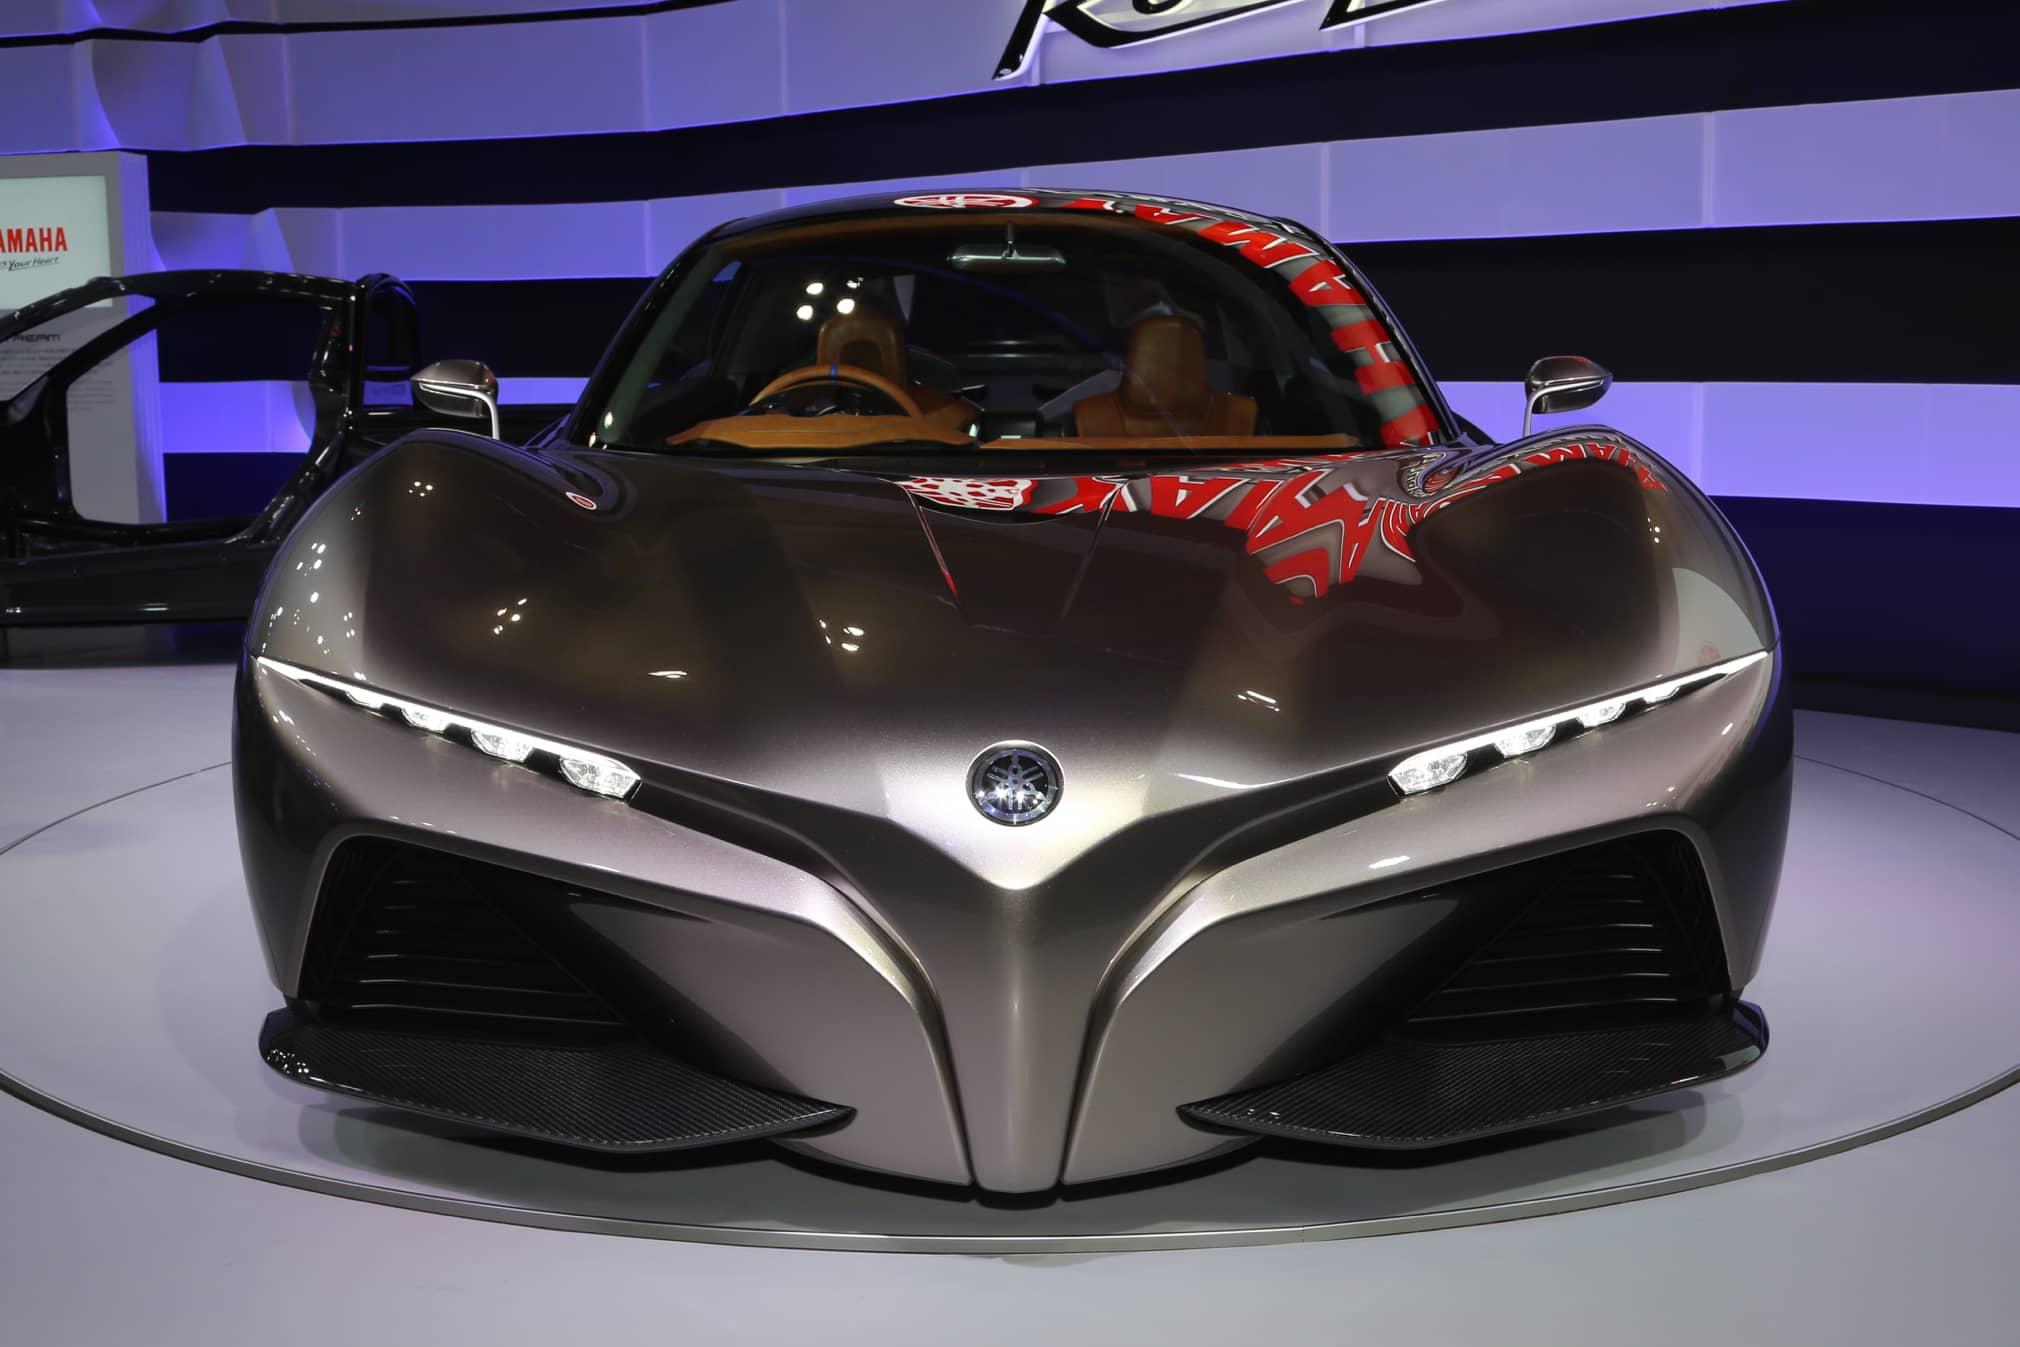 Yamaha концепт спорткара вид спереди